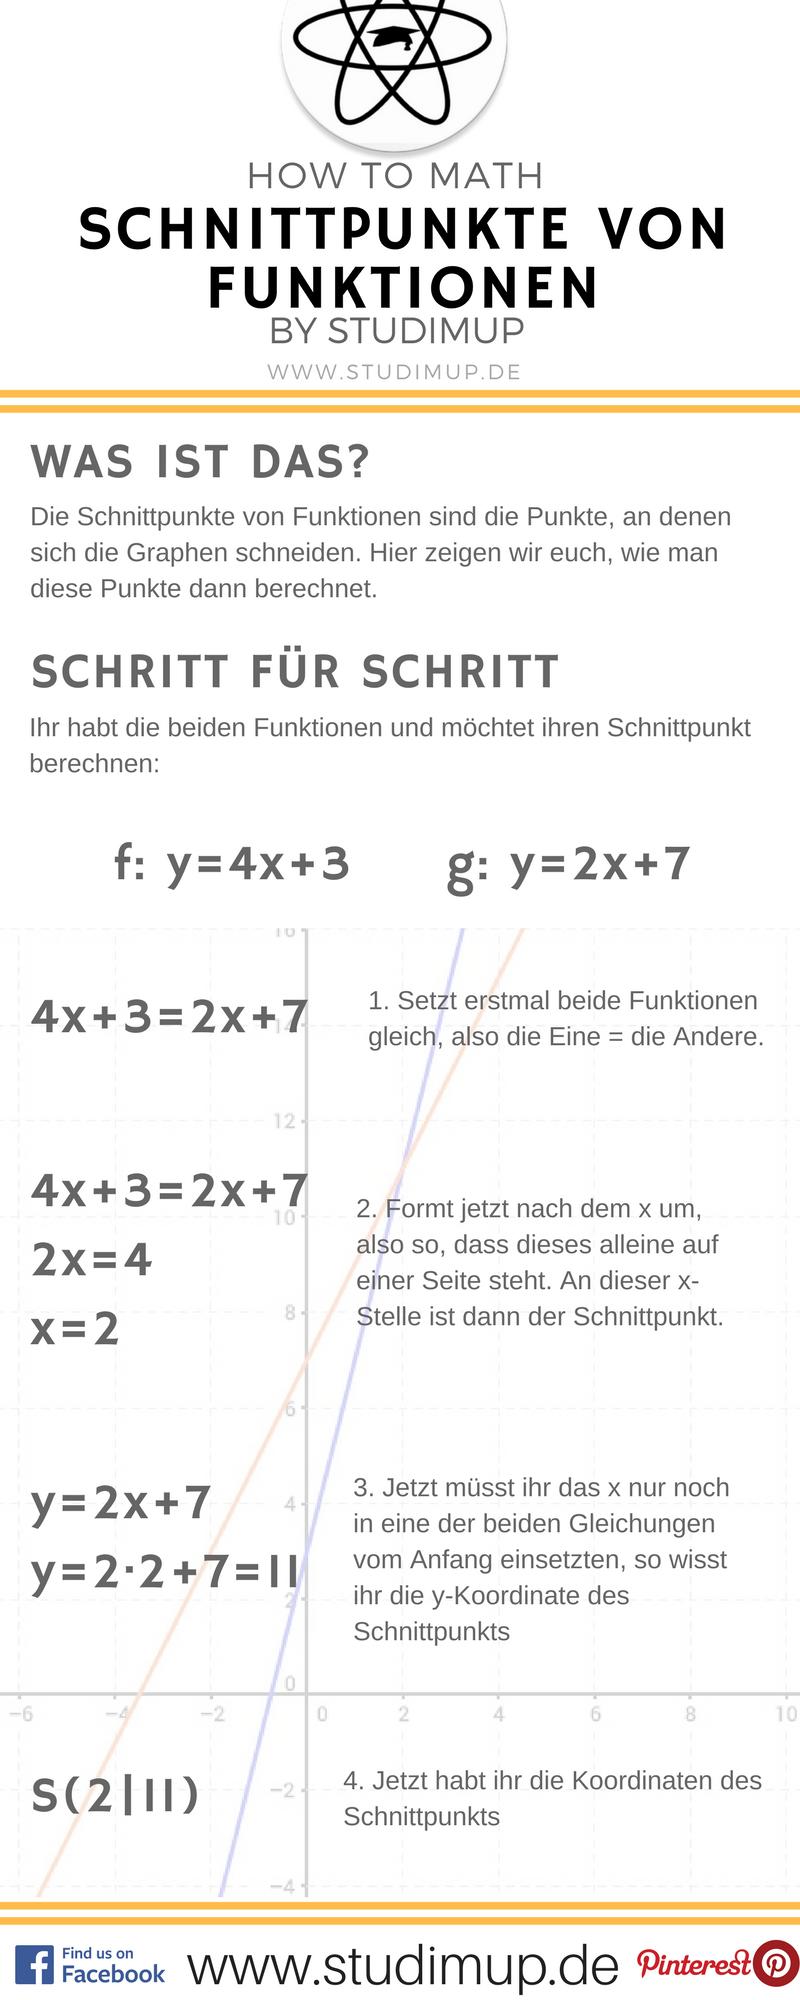 Mathe Spickzettel Zum Lernen Und Fur Den Einfachen Uberblick Uber Die Wichtigsten Themen Alle Unsere Mathematik Spickzette Nachhilfe Mathe Mathe Mathe Formeln